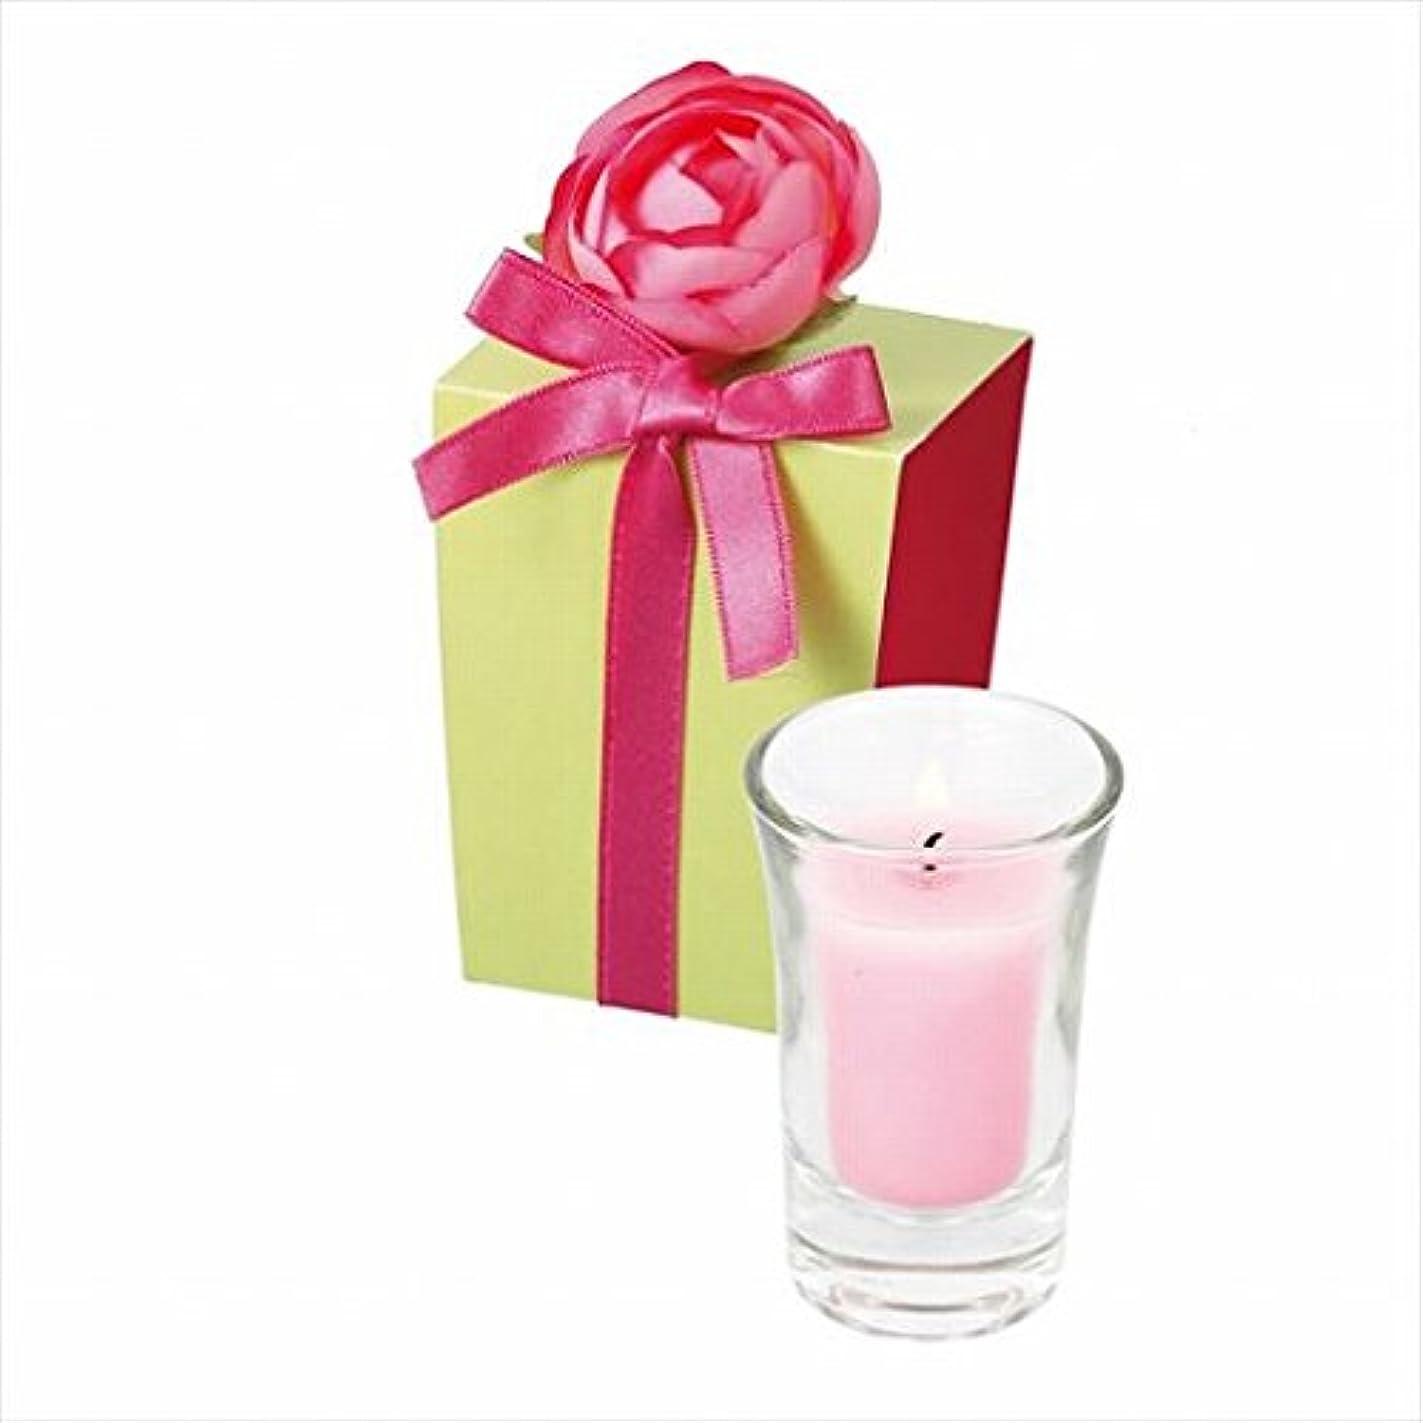 残酷プレゼン愛カメヤマキャンドル(kameyama candle) ラナンキュラスグラスキャンドル 「 ピンク 」